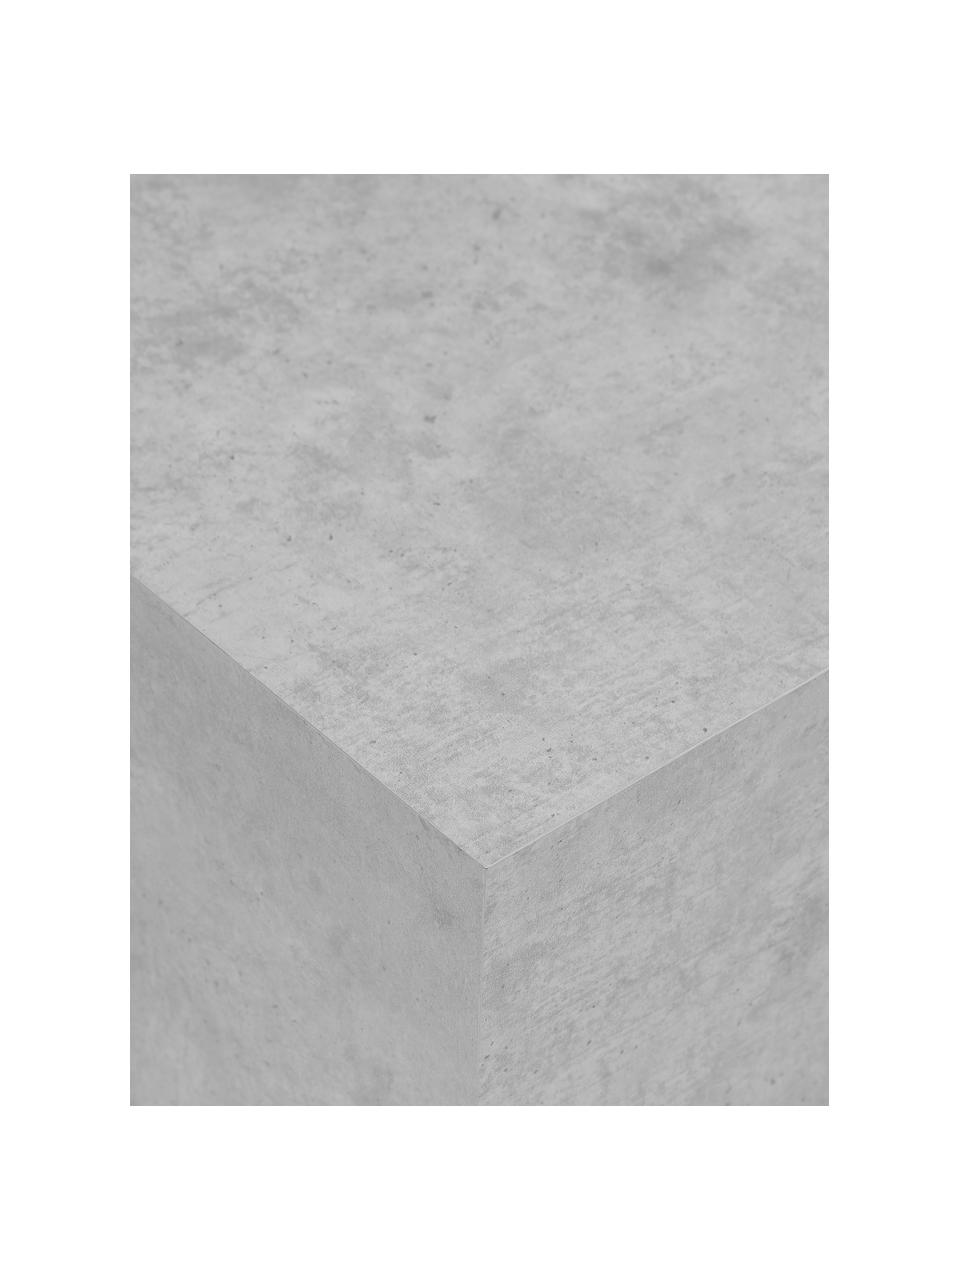 Schwebender Couchtisch Lesley in Betonoptik, Mitteldichte Holzfaserplatte (MDF), mit Melaminfolie überzogen, Massives Mangoholz, Grau, 90 x 35 cm